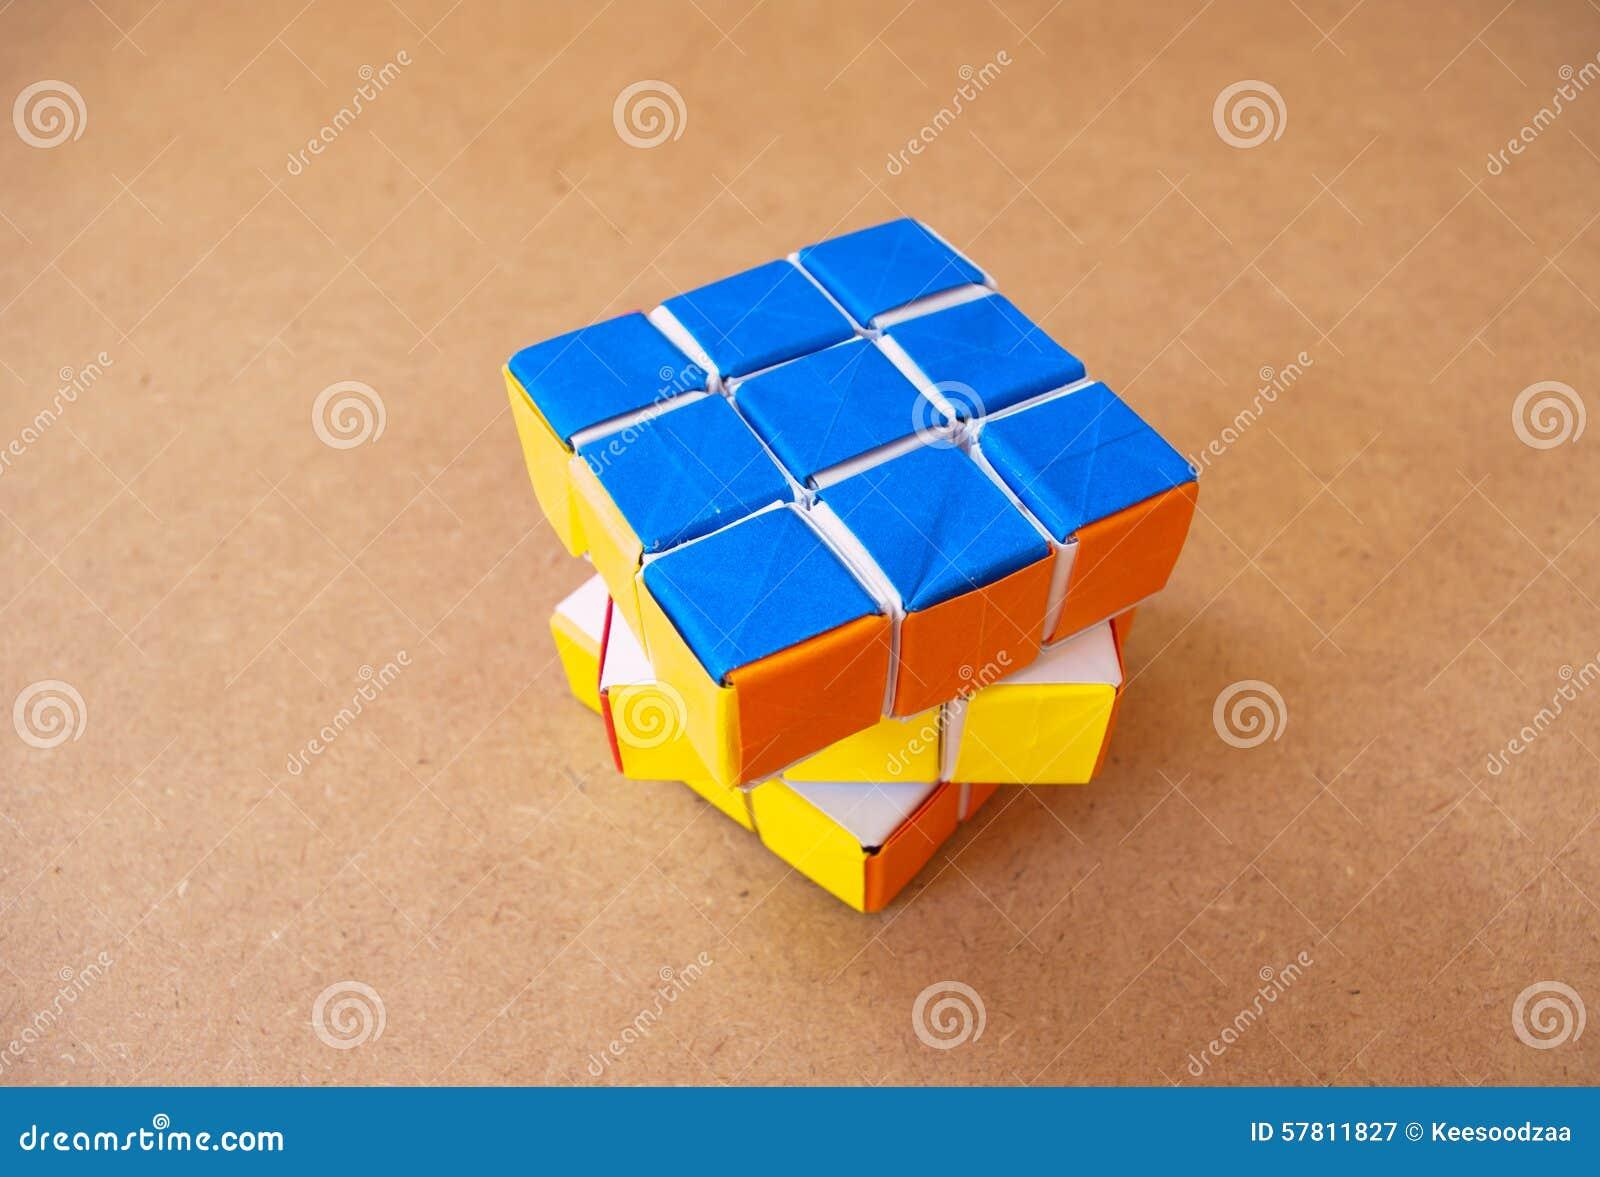 Кубик рубика из бумаги своими руками 37